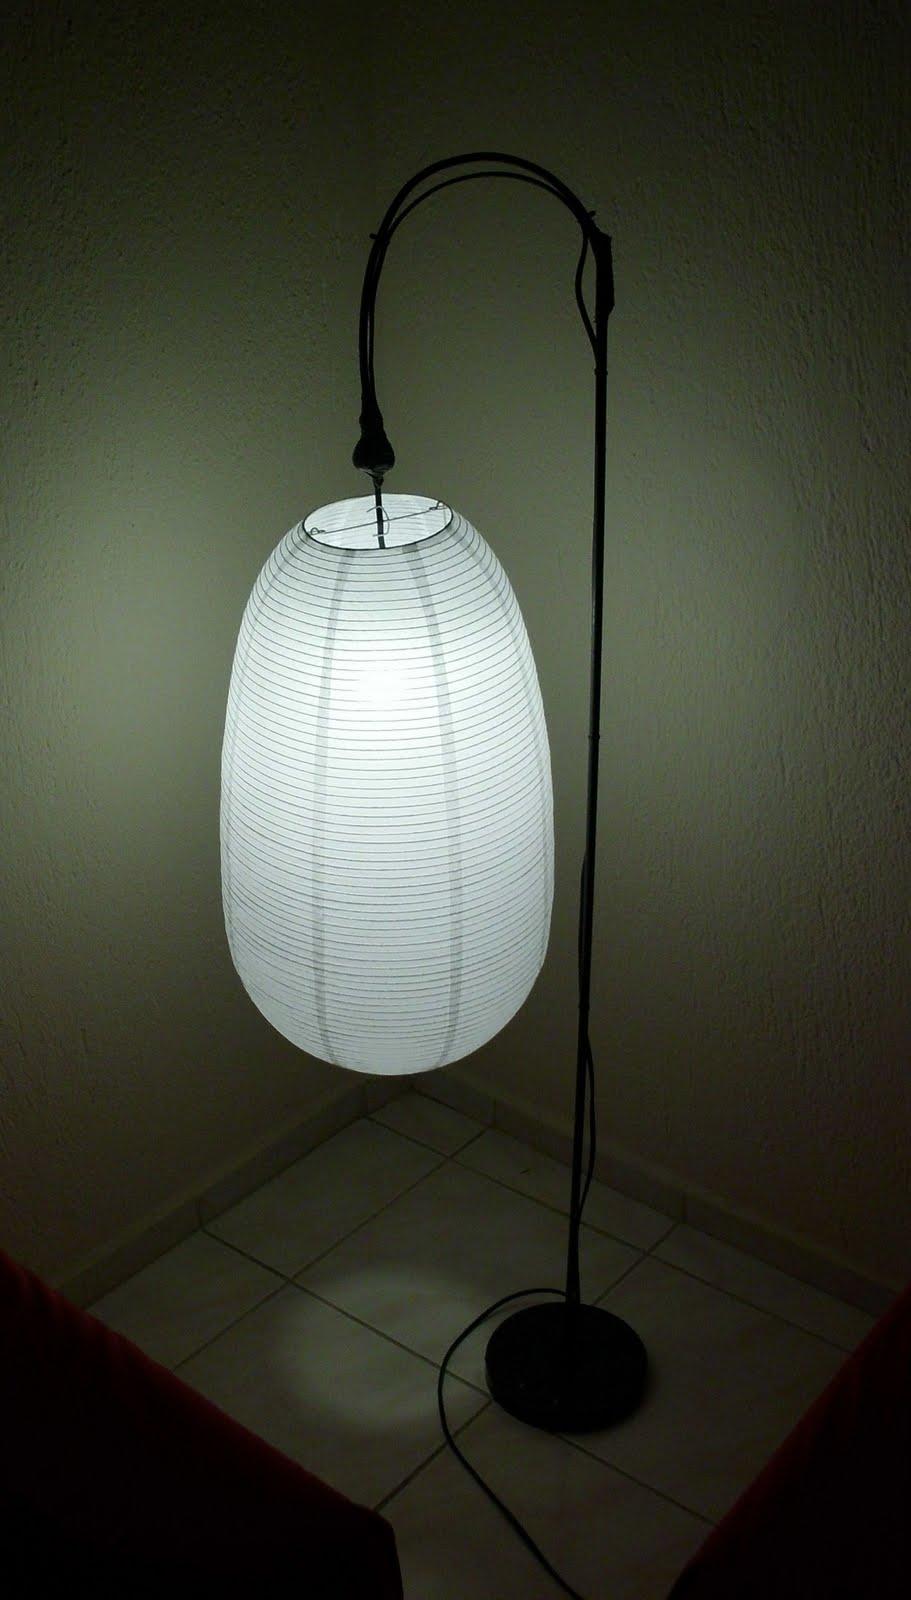 Floor Lamp With Shelves Ikea ~ Floor Lamp for living room  IKEA Hackers  IKEA Hackers